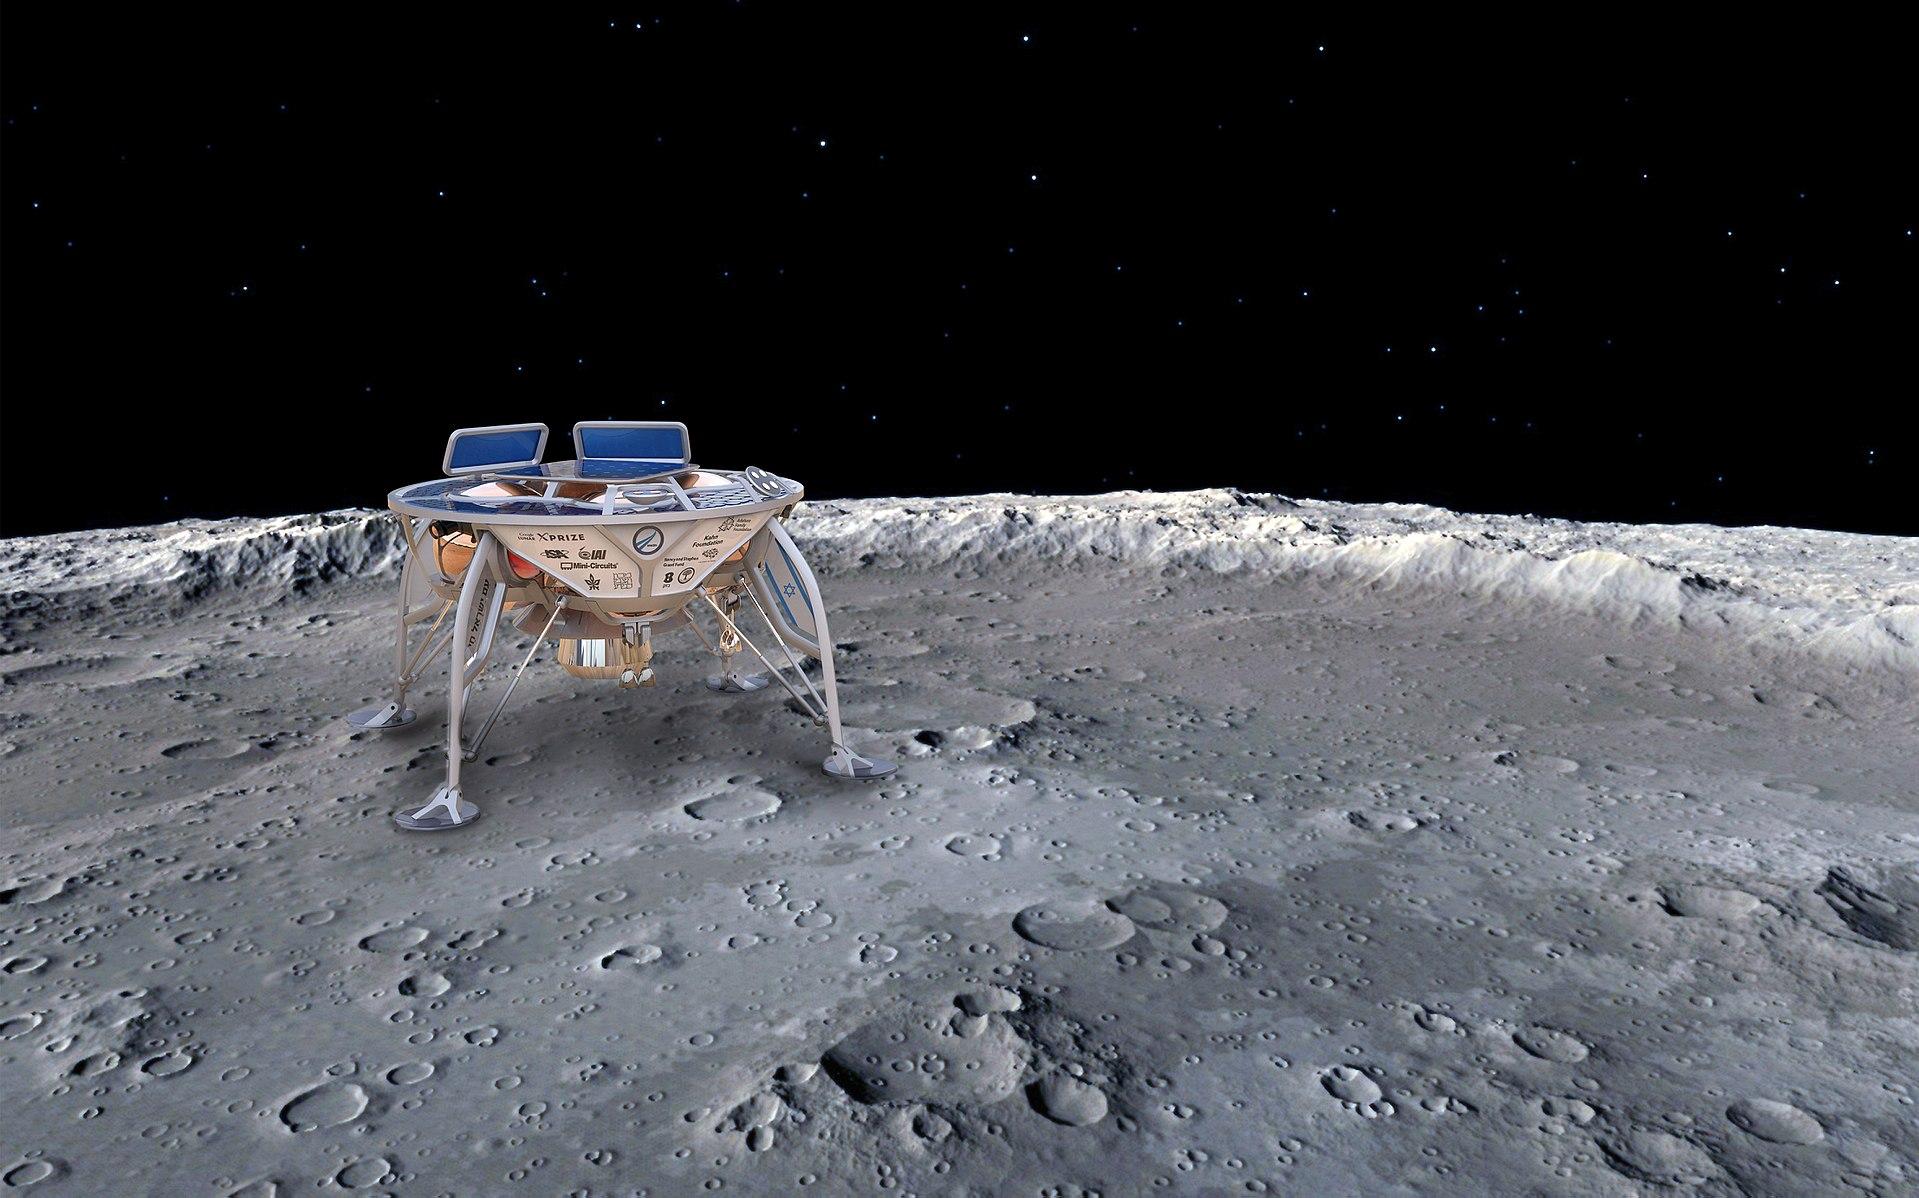 月面に着陸したベレシートの予想図 wikipedia